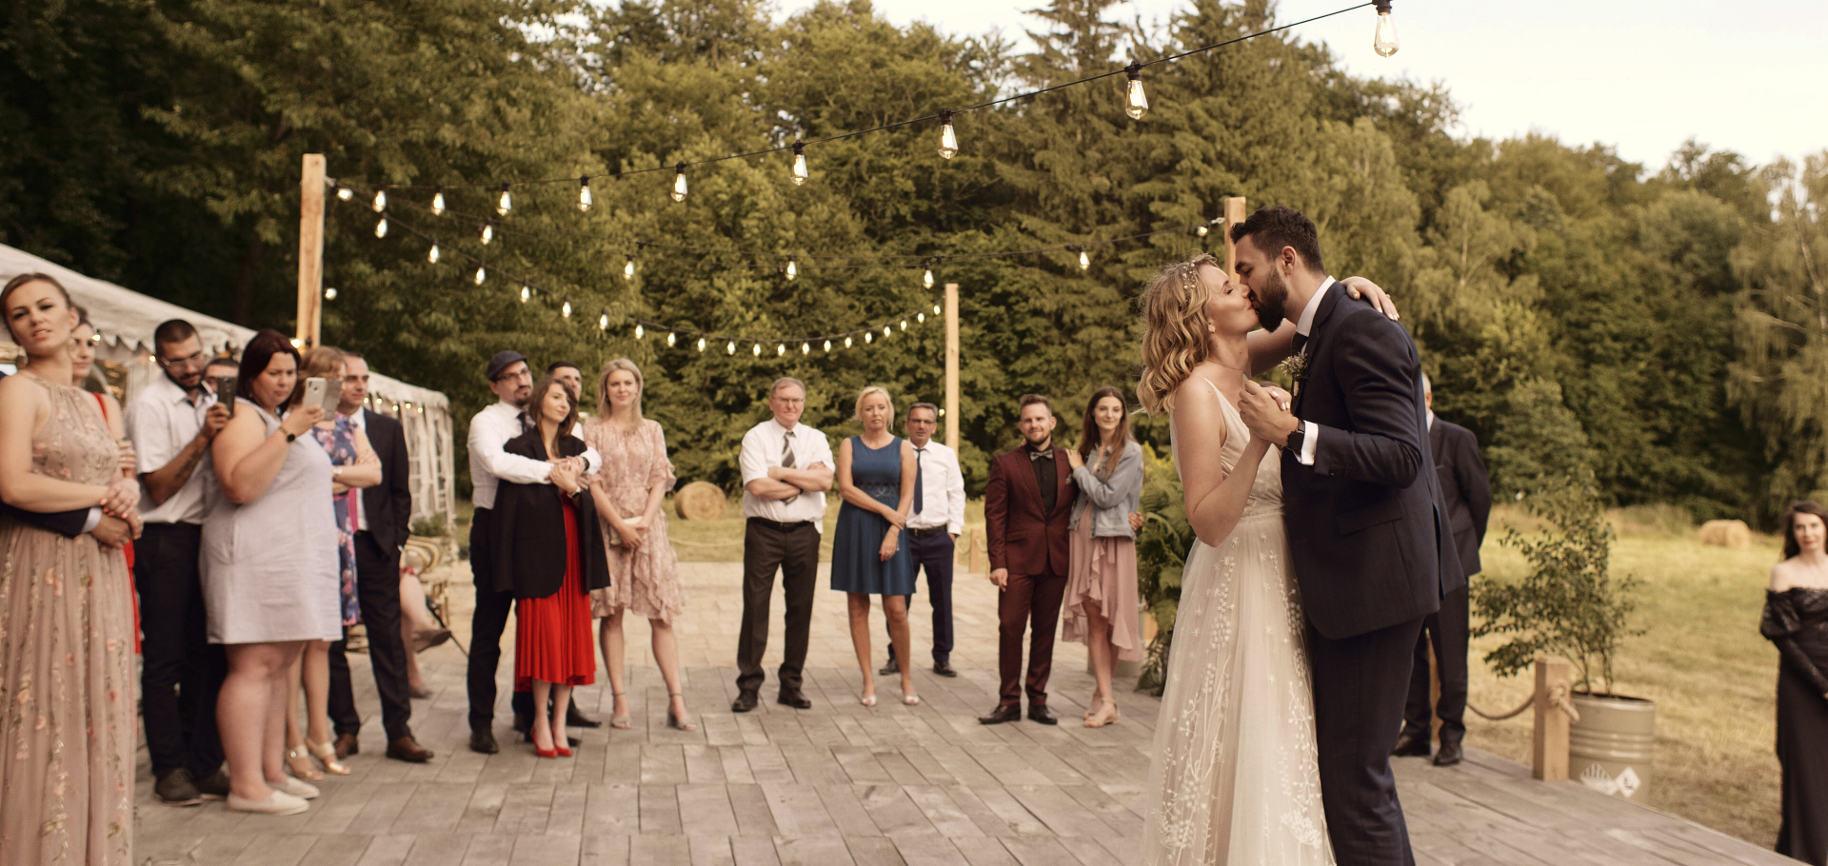 dwór dawidy ślub w plenerze ślub humanistyczny własne przysięgi wesele film ślubny